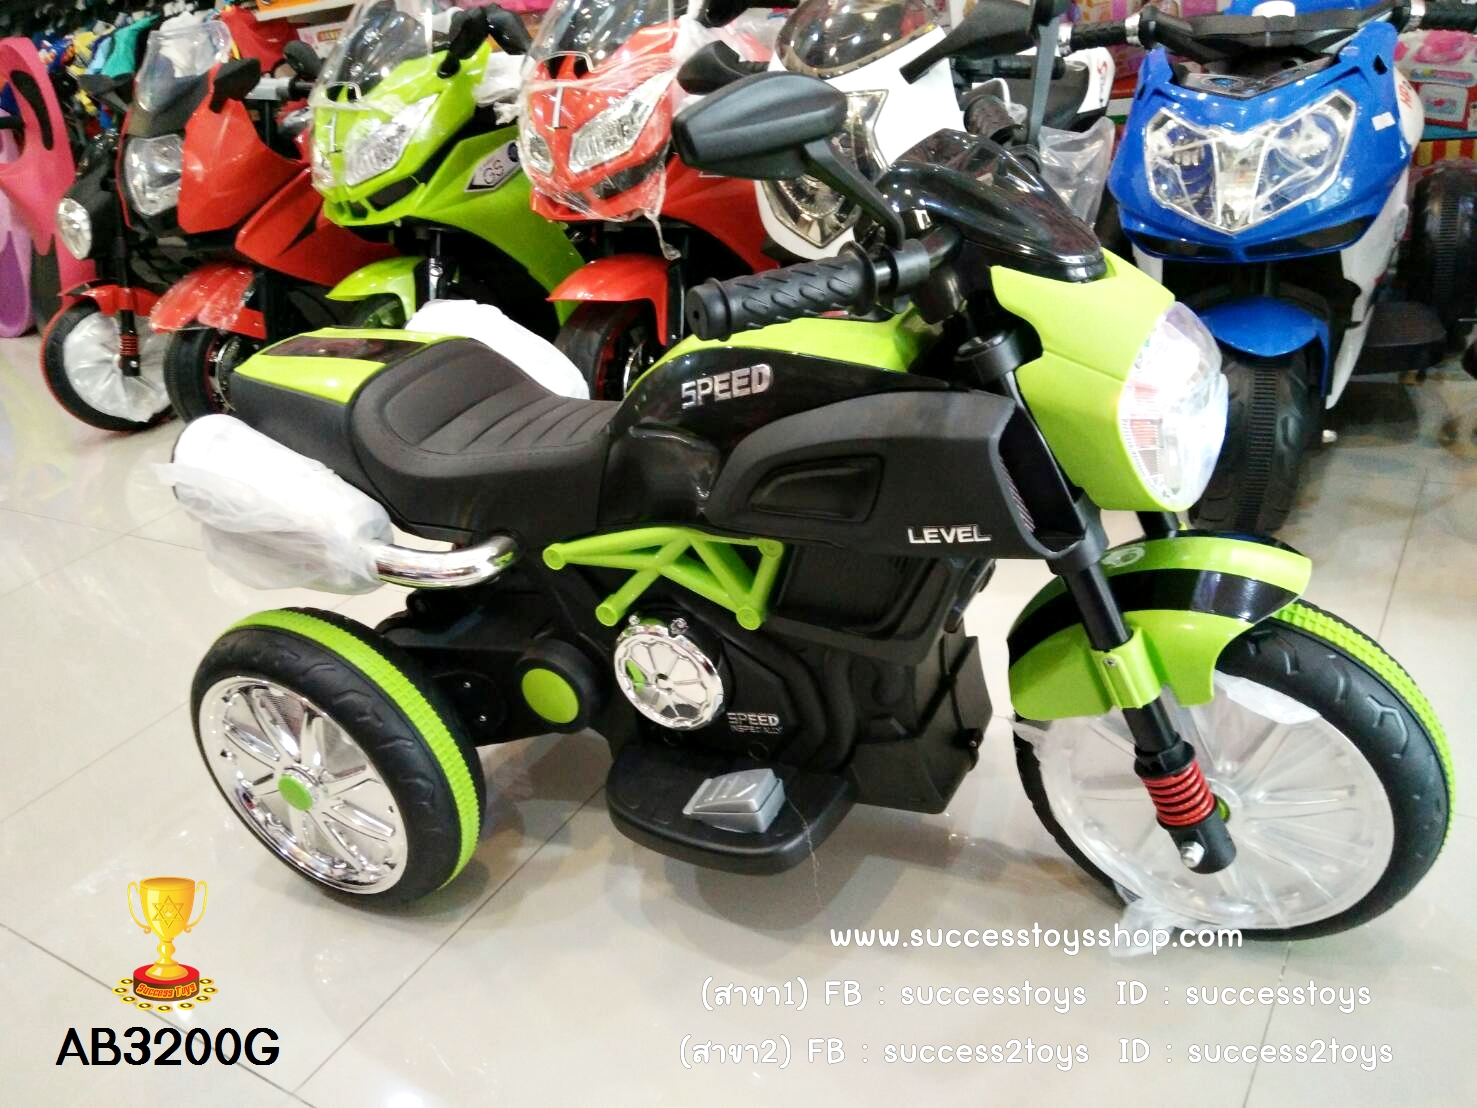 AB3200G รถมอเตร์ไซค์ไฟฟ้าเด็กนั่งสีเขียว